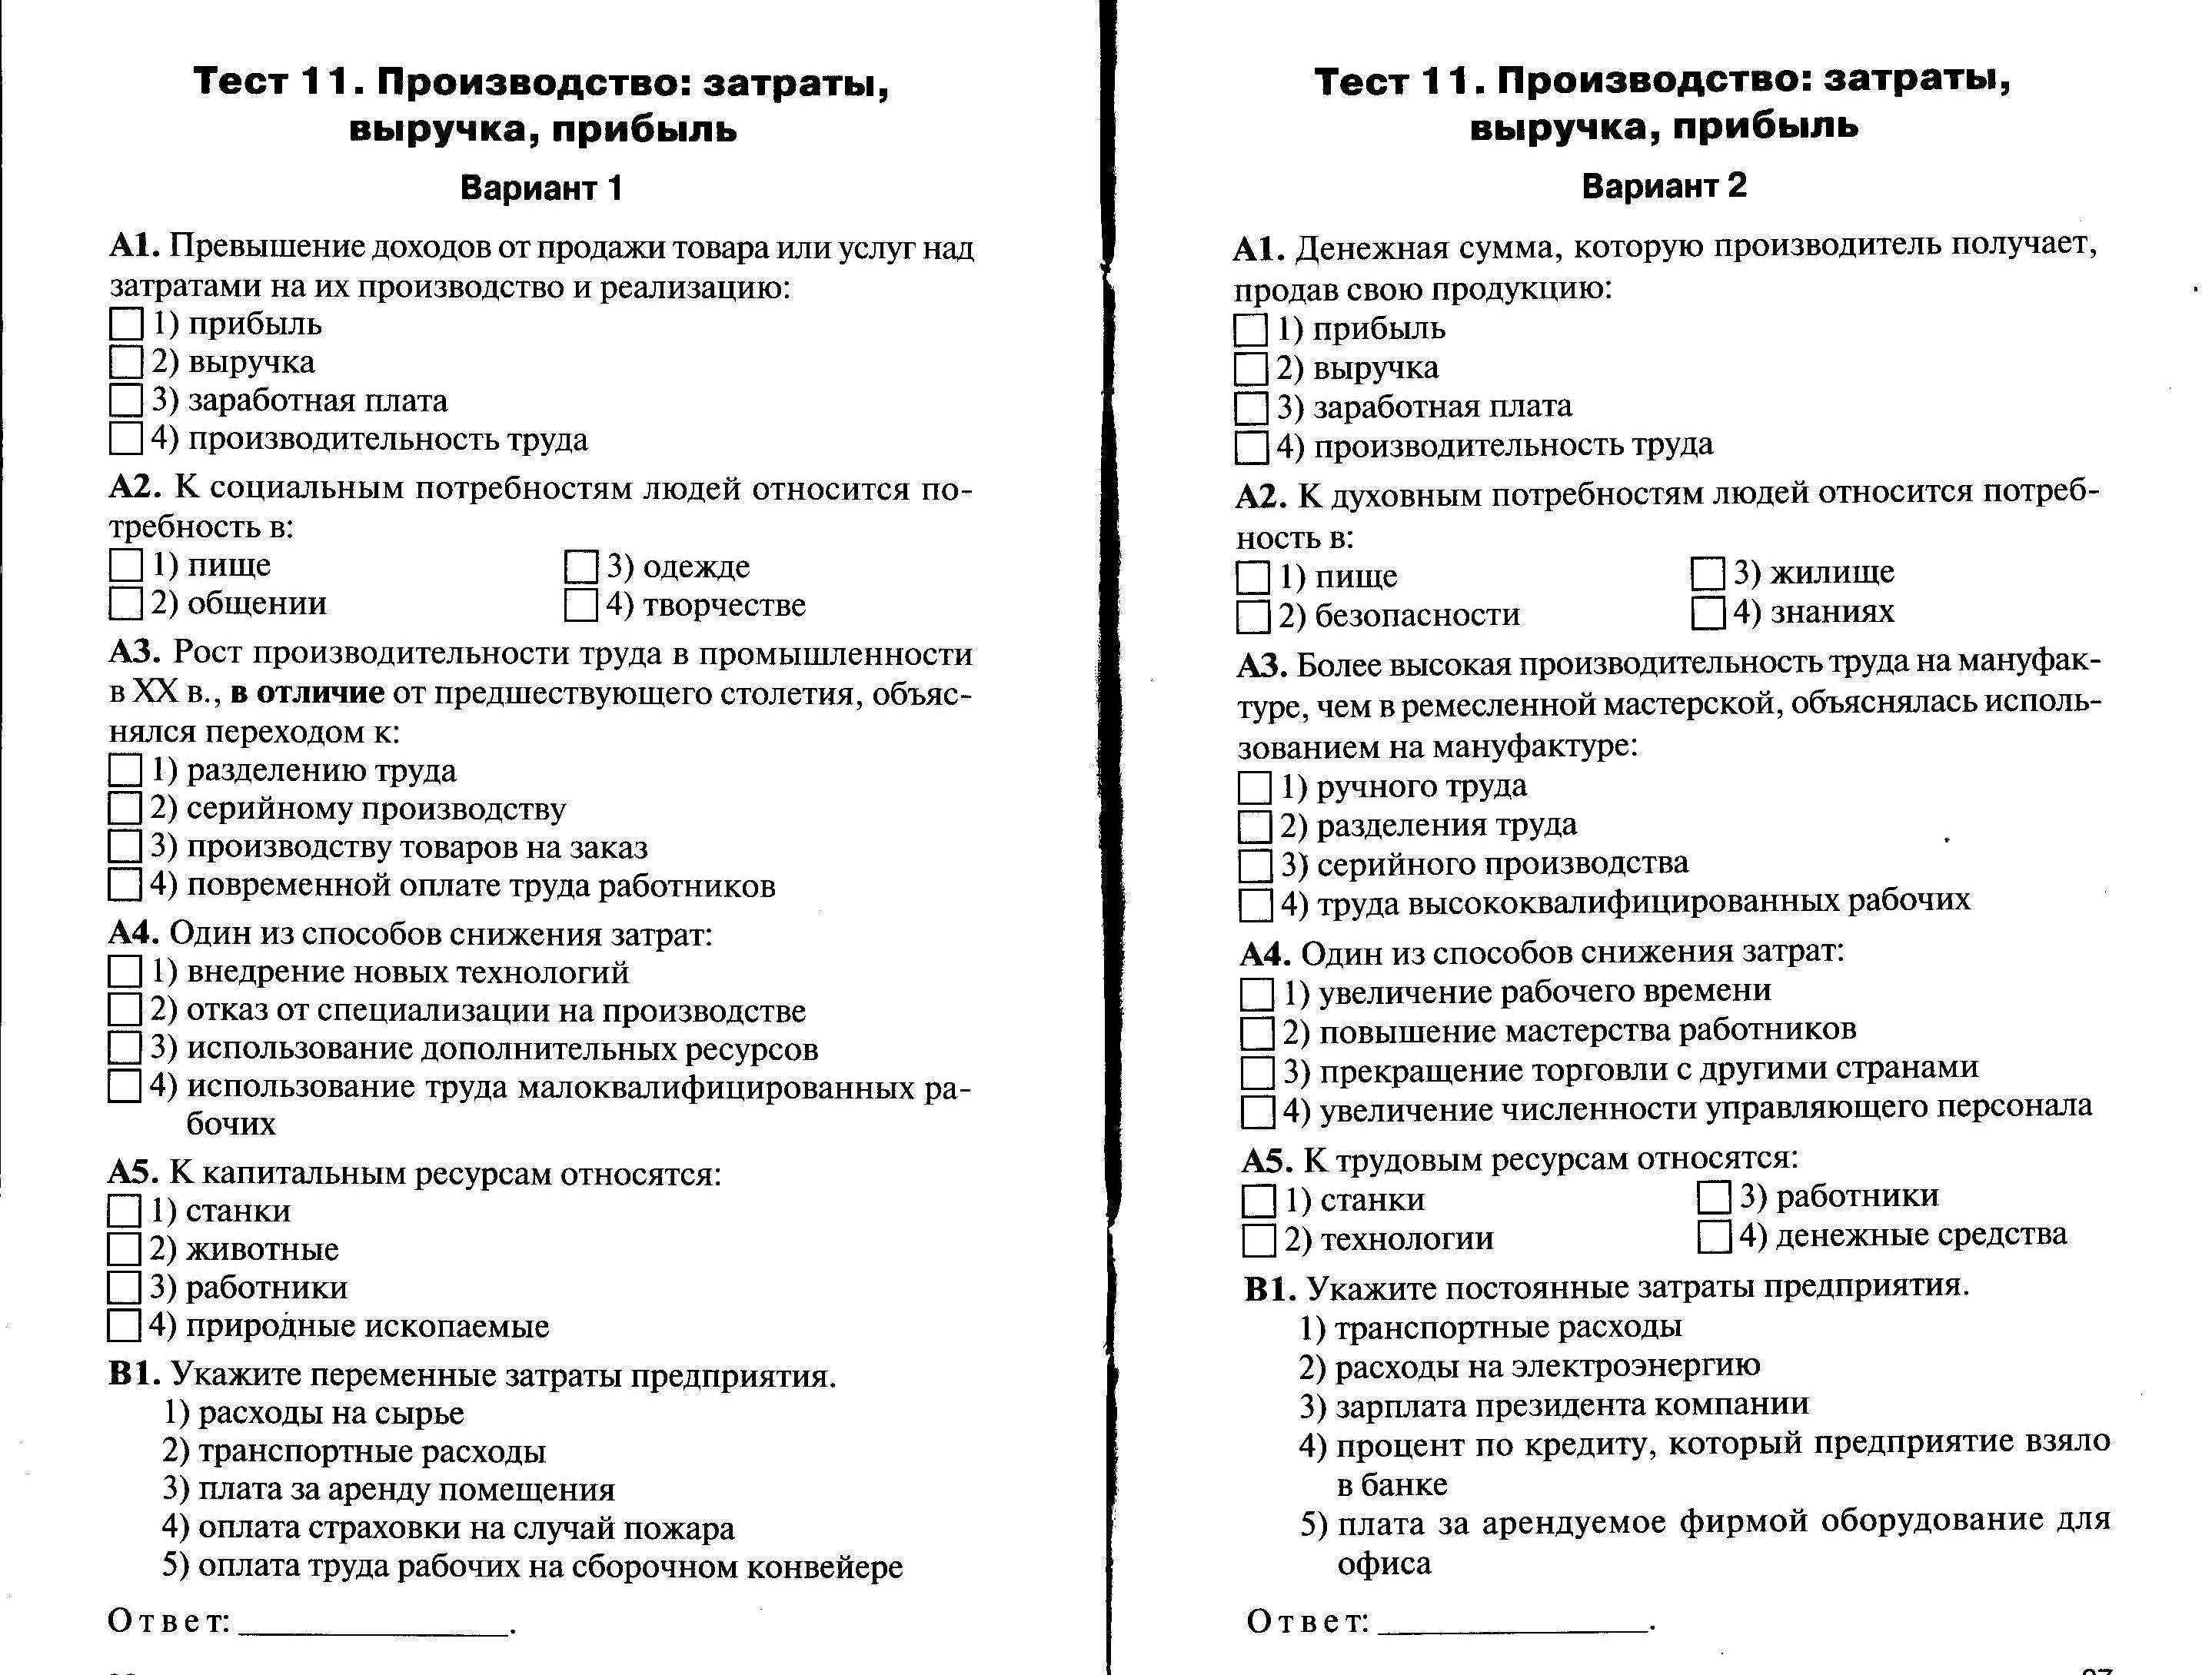 Ответы на тесты кауфман 11 класс